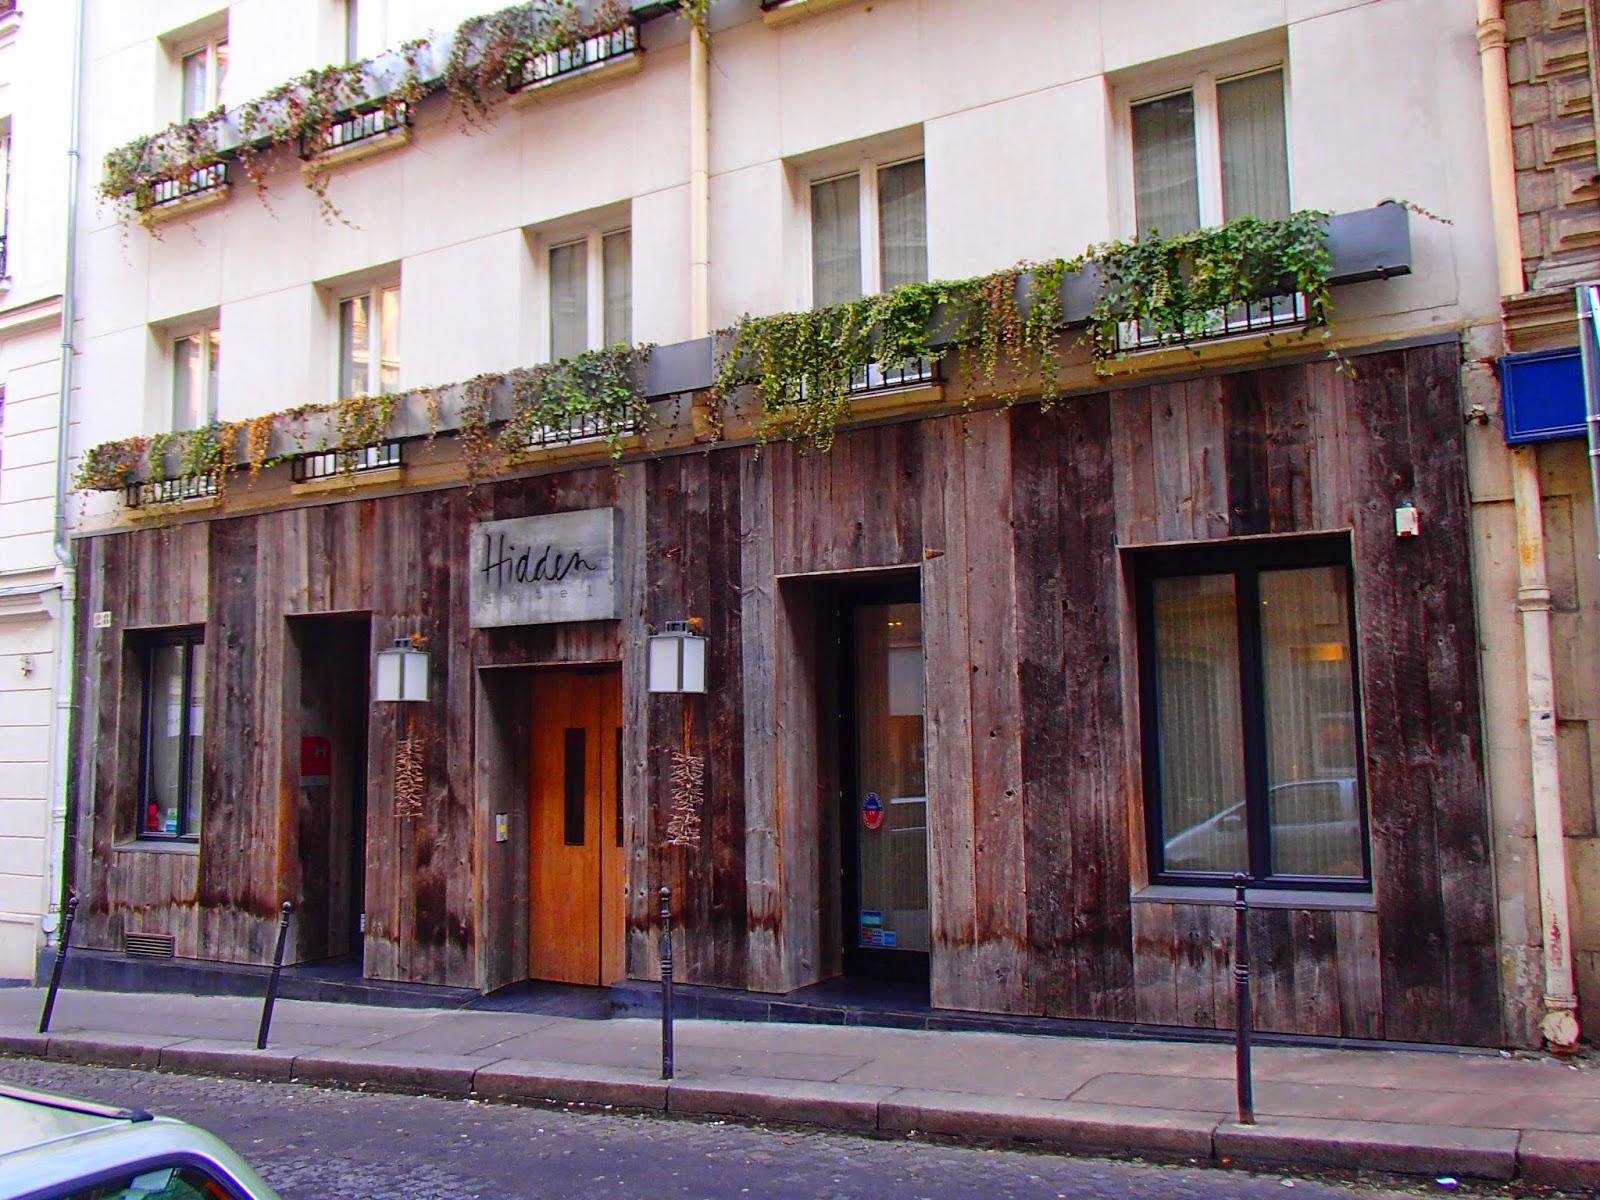 http://www.theaussieflashpacker.com/2015/02/luxury-hotel-review-hidden-hotel-paris.html